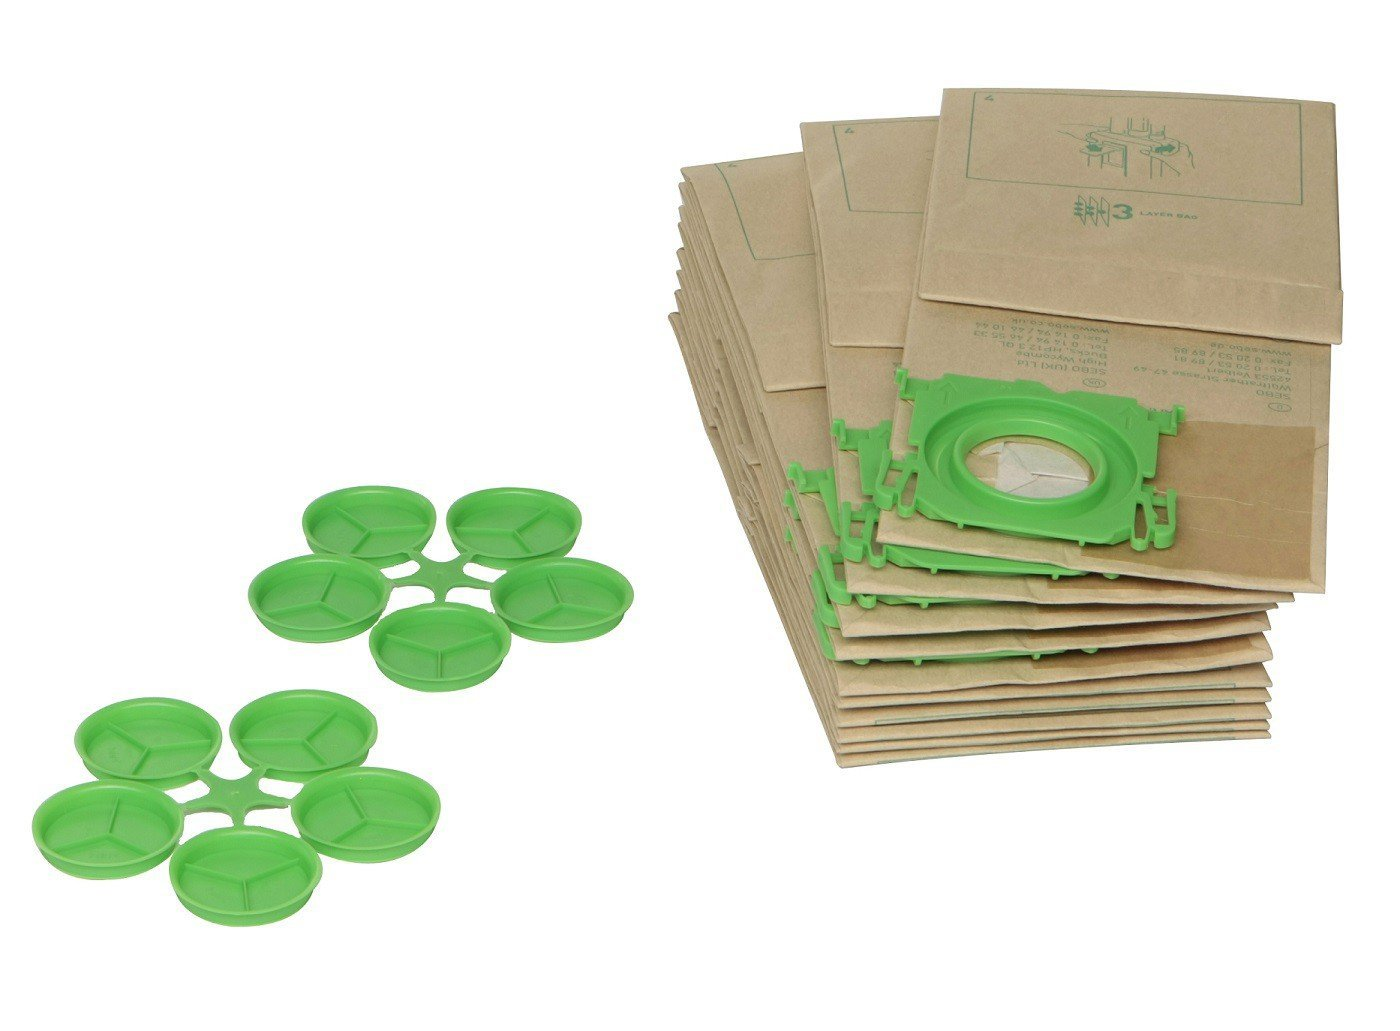 Genuine Sebo X7/X8/sacchetti di carta/ /Automatic X Epower /Confezione da 10/sacchetti Sebo 3/strati di polvere adatto a tutti i modelli x 7/